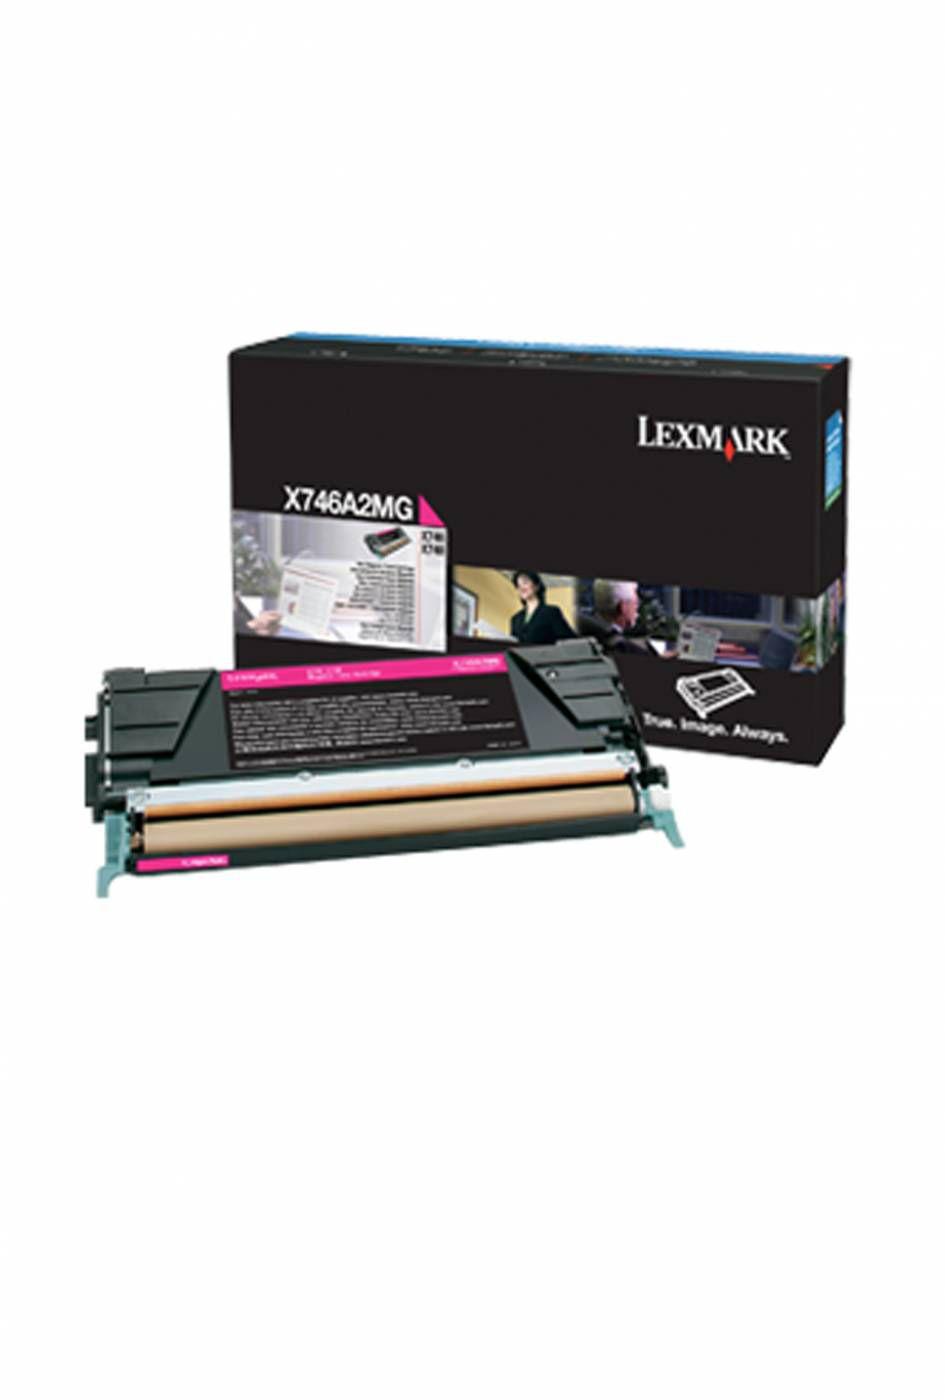 Toner Lexmark X746A2MG 746 748 Original ? 7.000 Pgs - Magenta